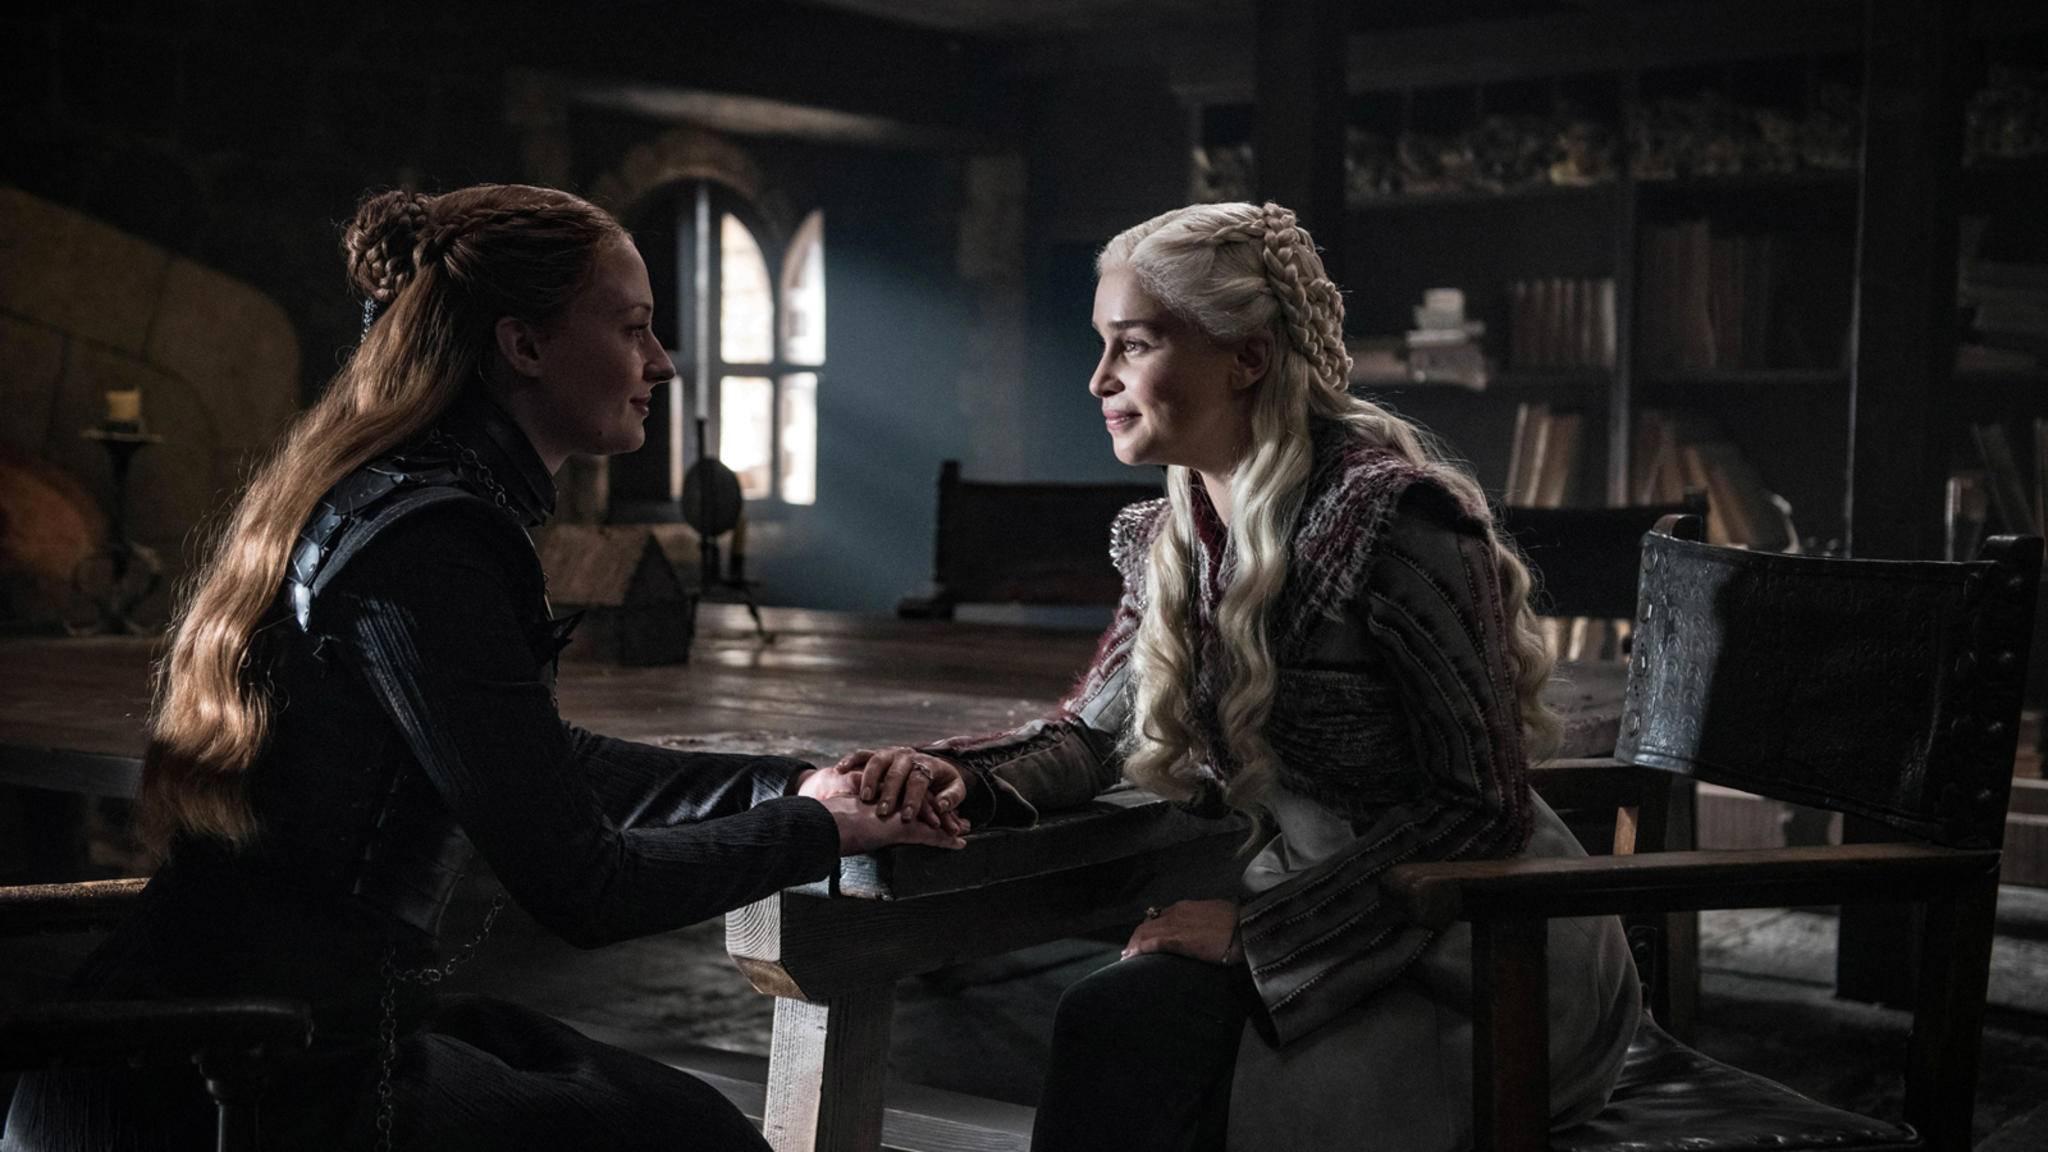 Der Schein trügt: Die Darstellerinnen von Sansa und Daenerys haben es faustdick hinter den Ohren.